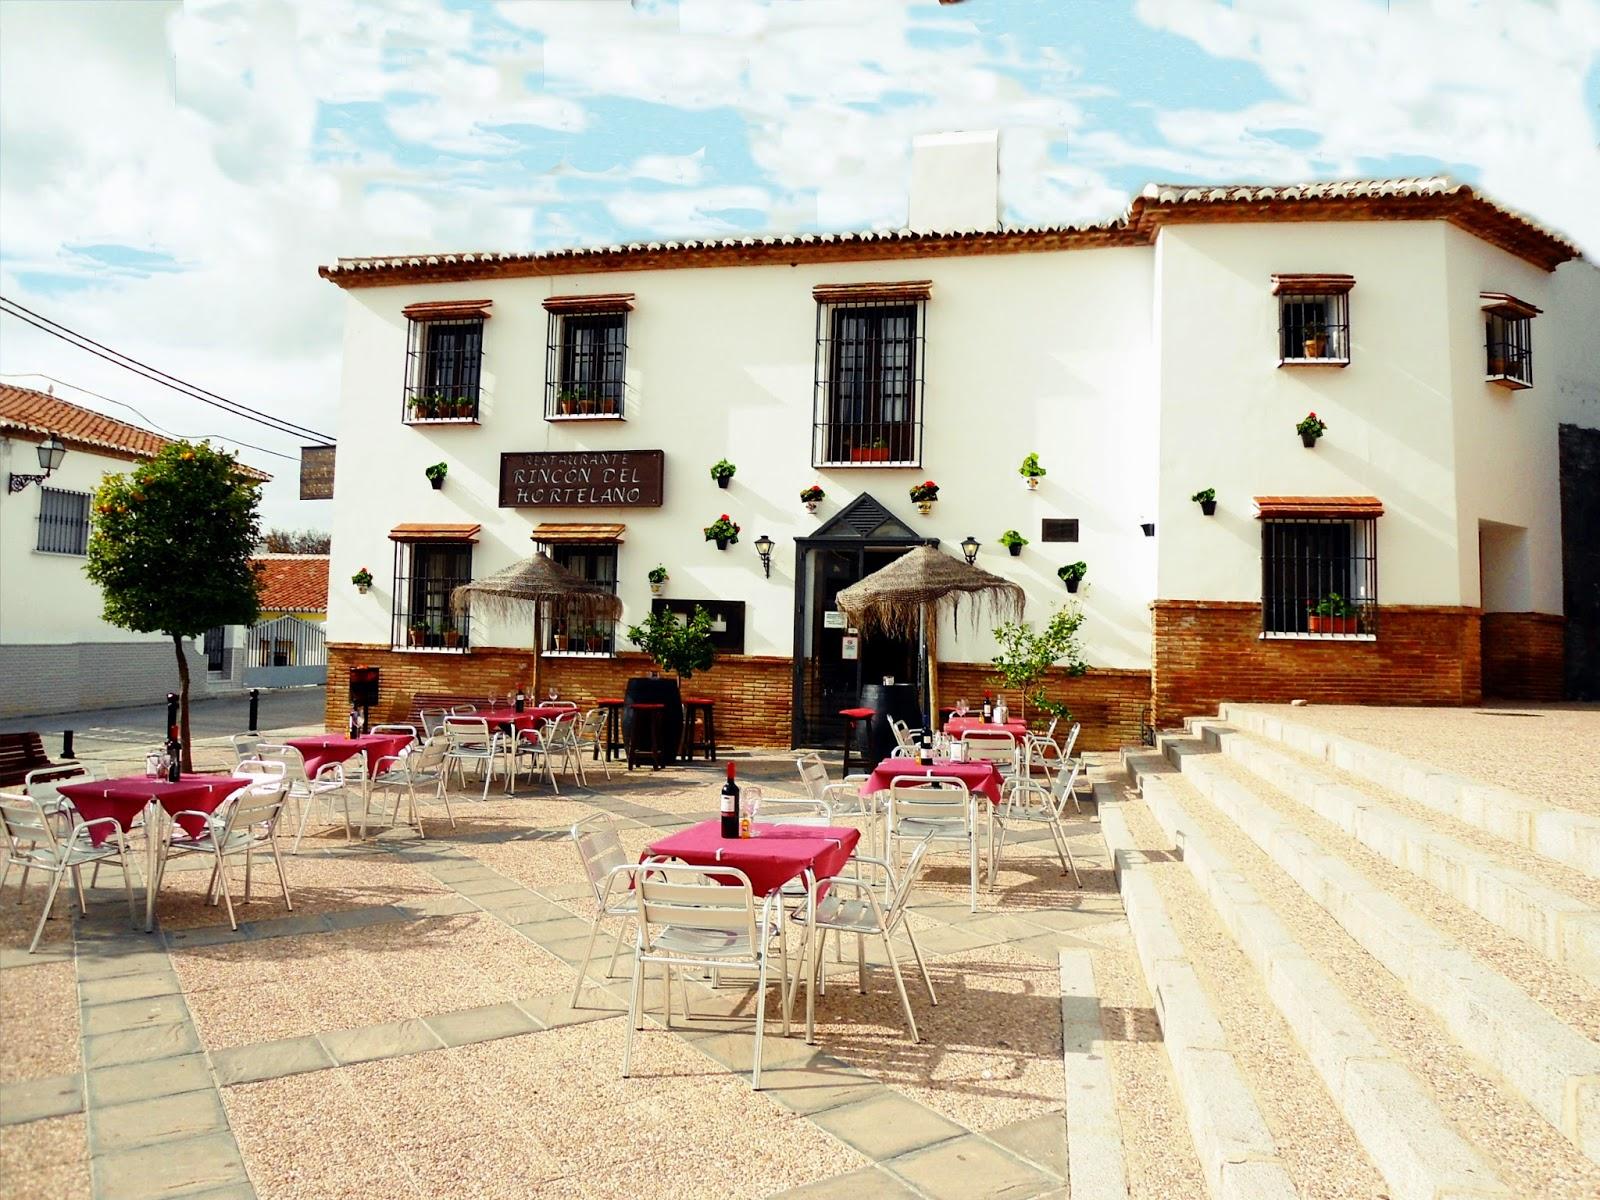 Restaurante Rincón del Hortelano